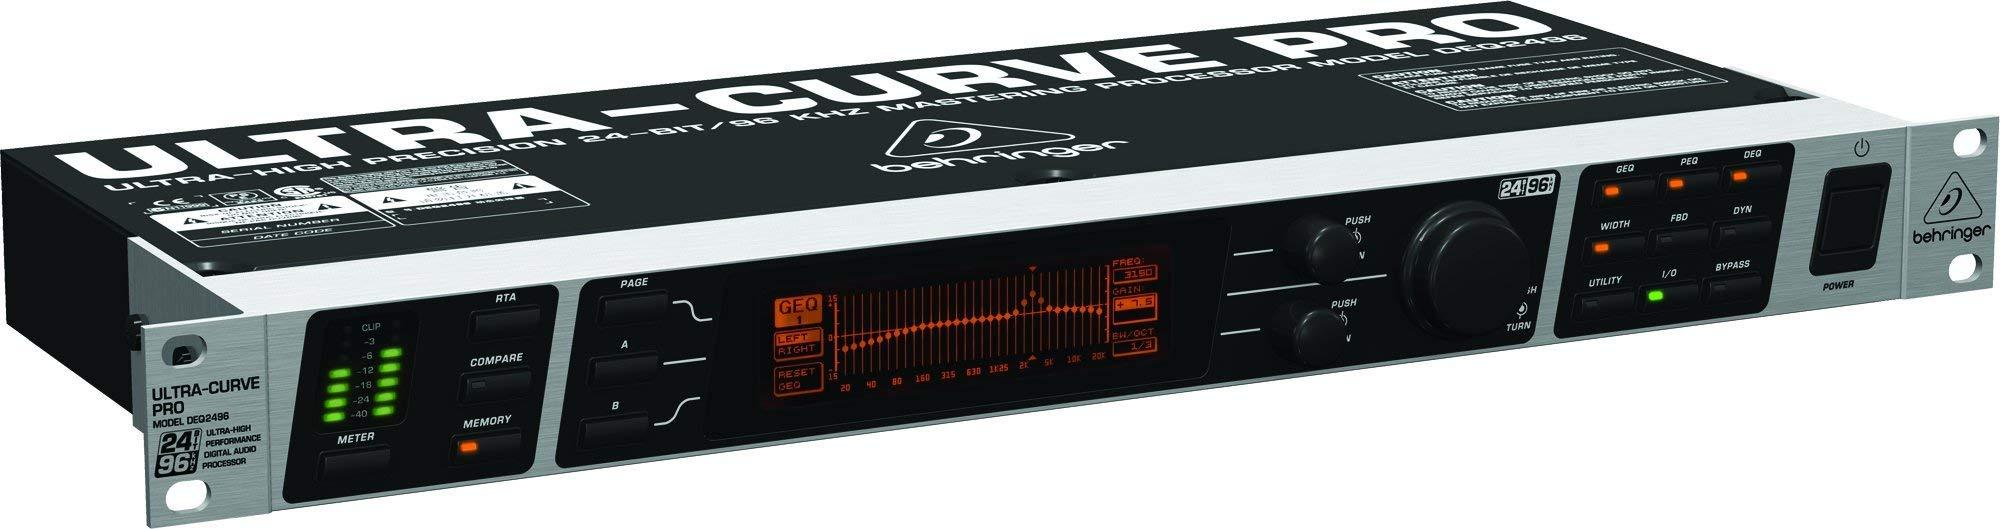 Behringer Ultracurve Pro DEQ2496 Ultra-High Precision 24-Bit/96 kHz Equalizer, Analyzer, Feedback Destroyer and Mastering Processor (Certified Refurbished) by Behringer (Image #4)